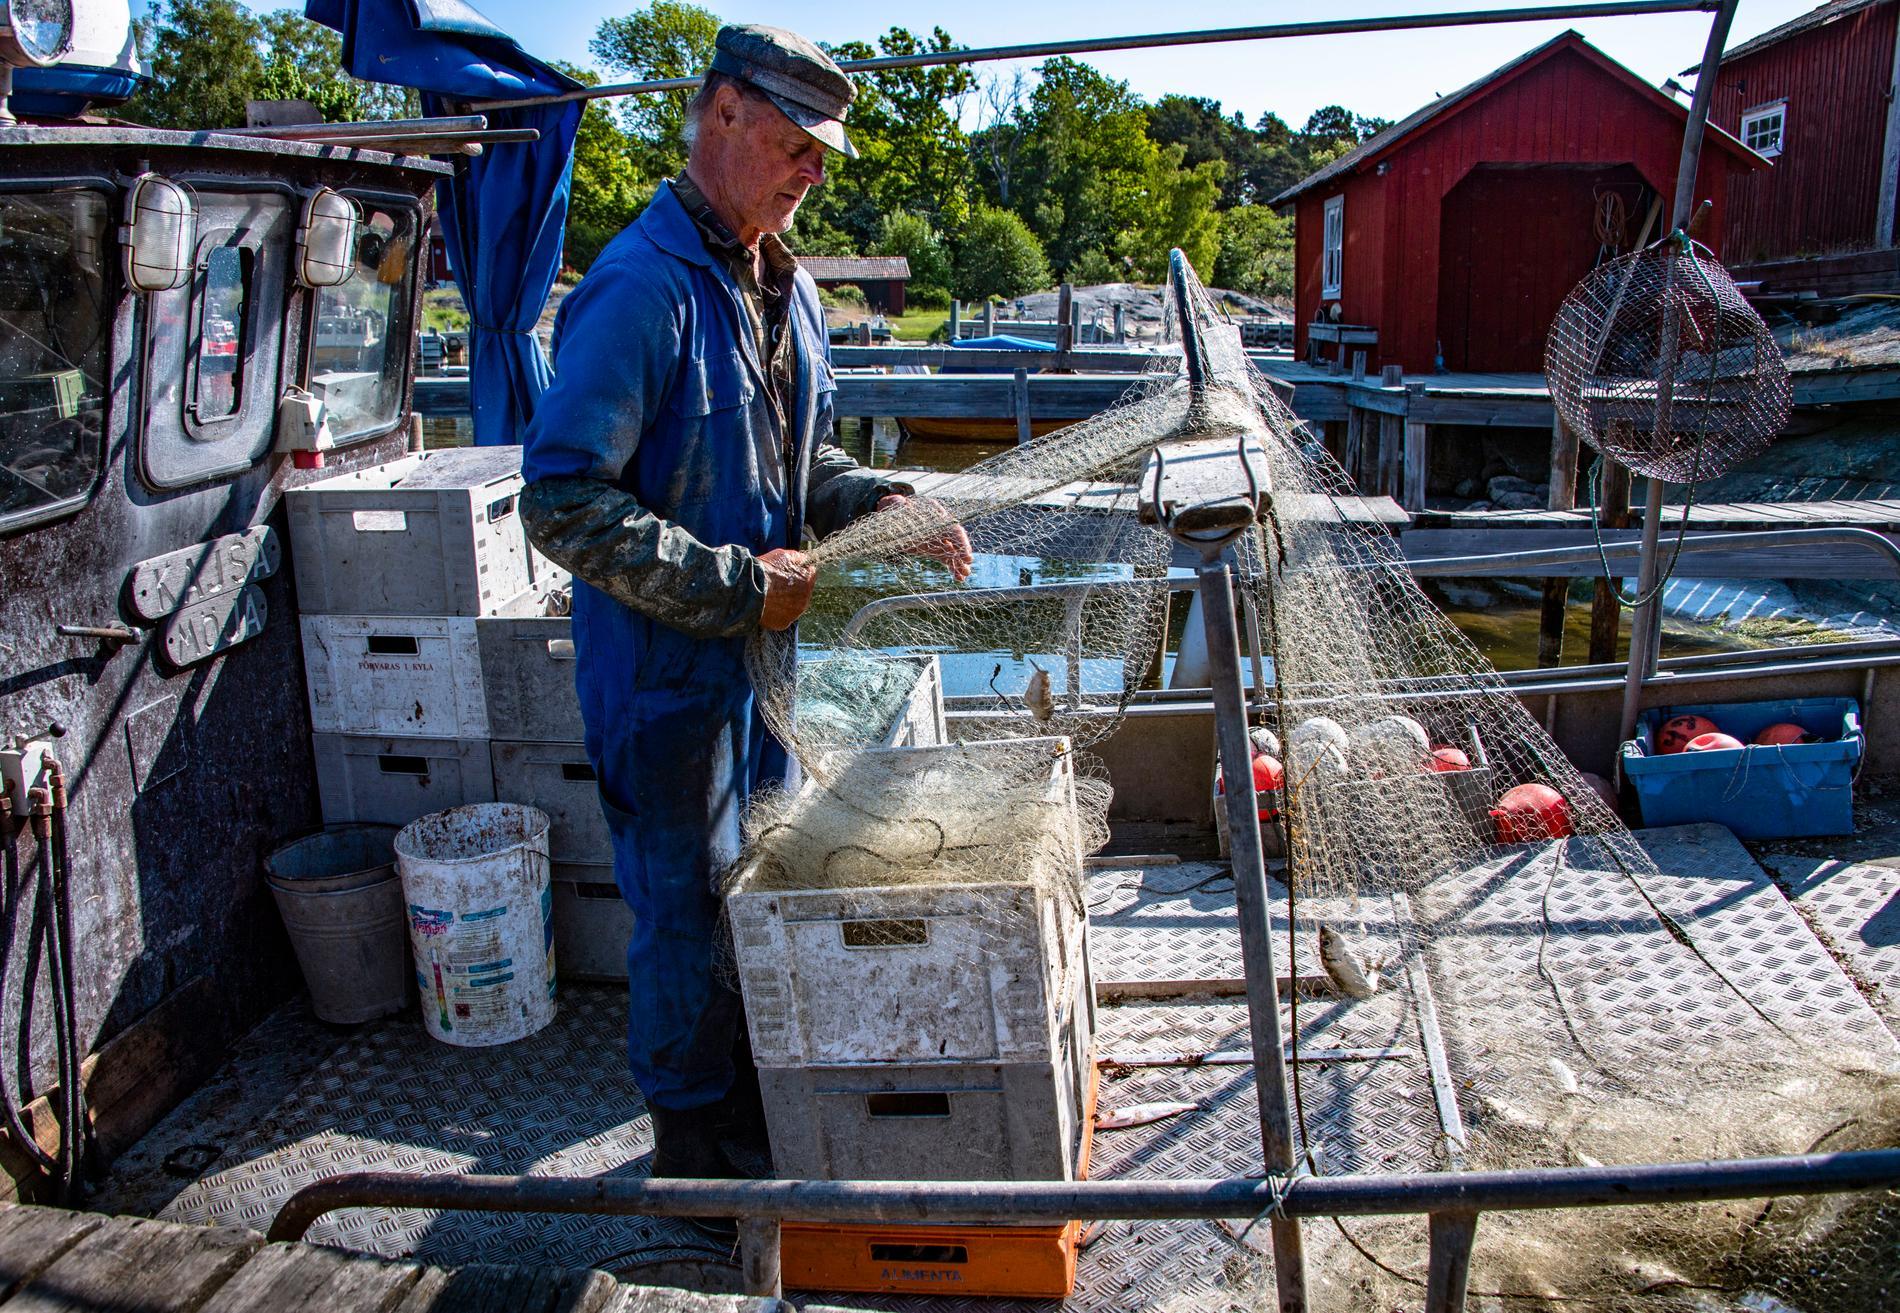 Enda sättet att tjäna pengar på småskaligt fiske är att förädla den, genom att ha ett rökeri eller restaurang, enligt Rune Wikström.